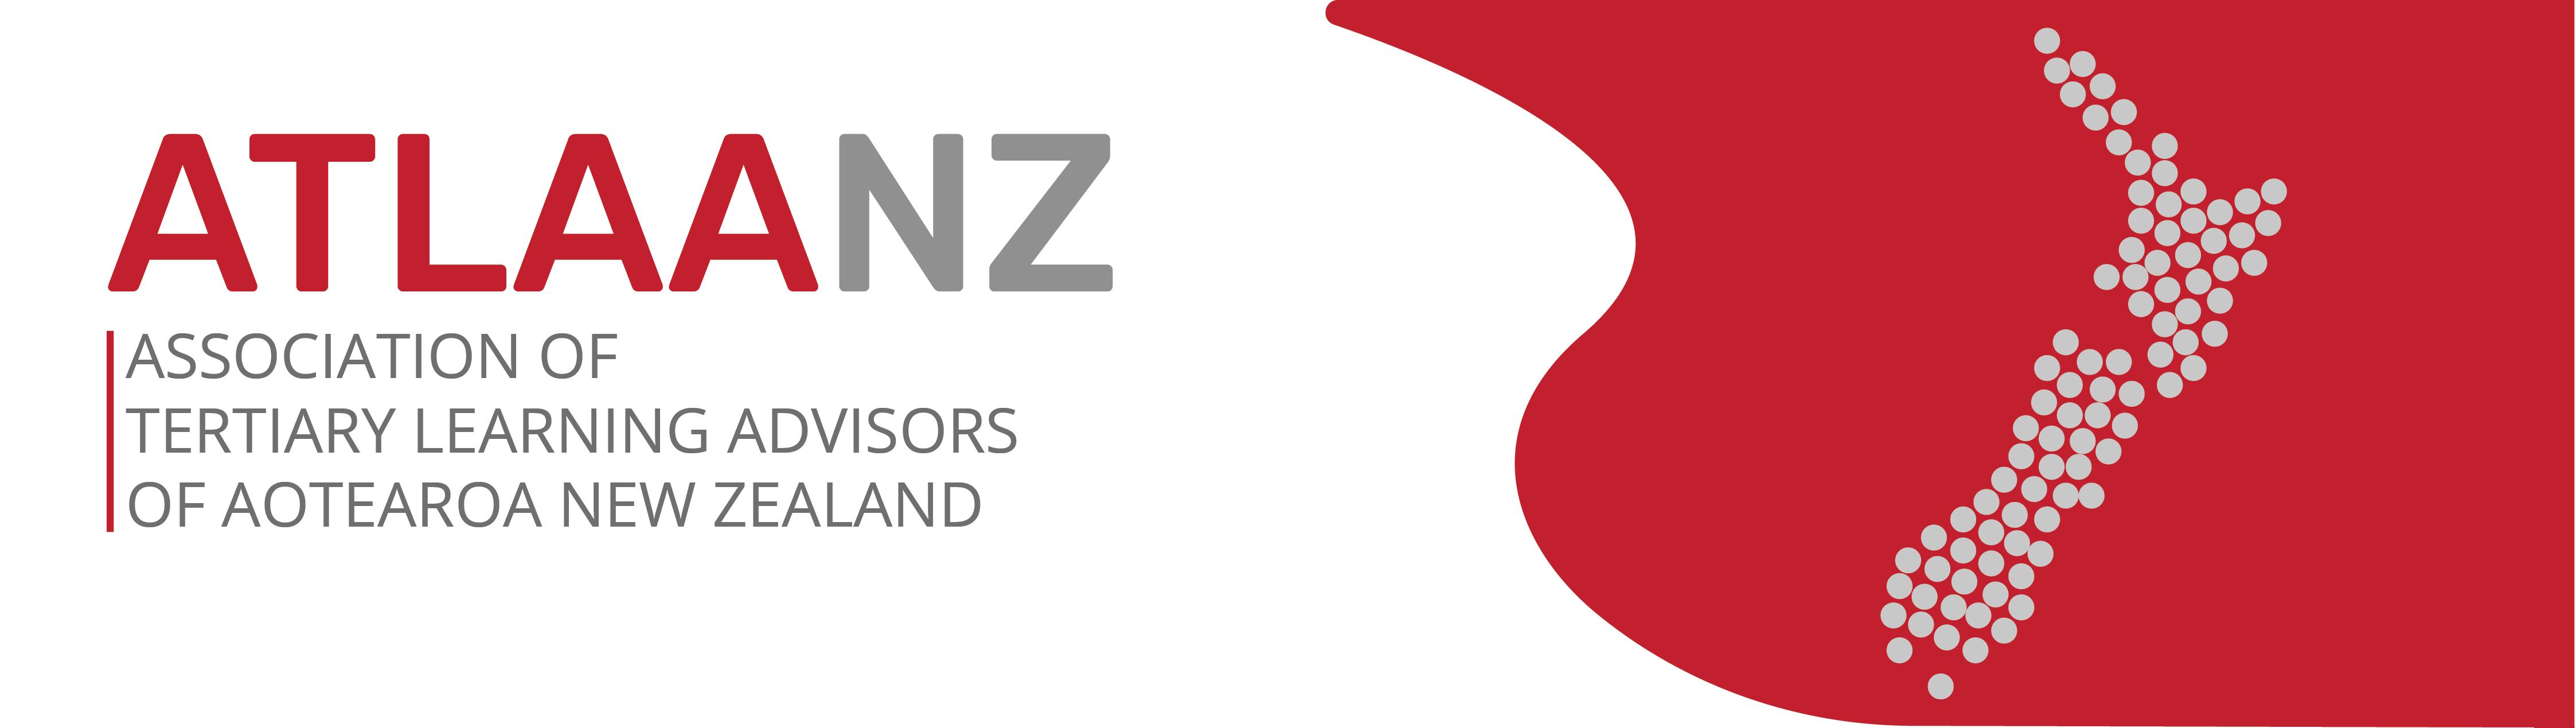 ATLAANZ Banner